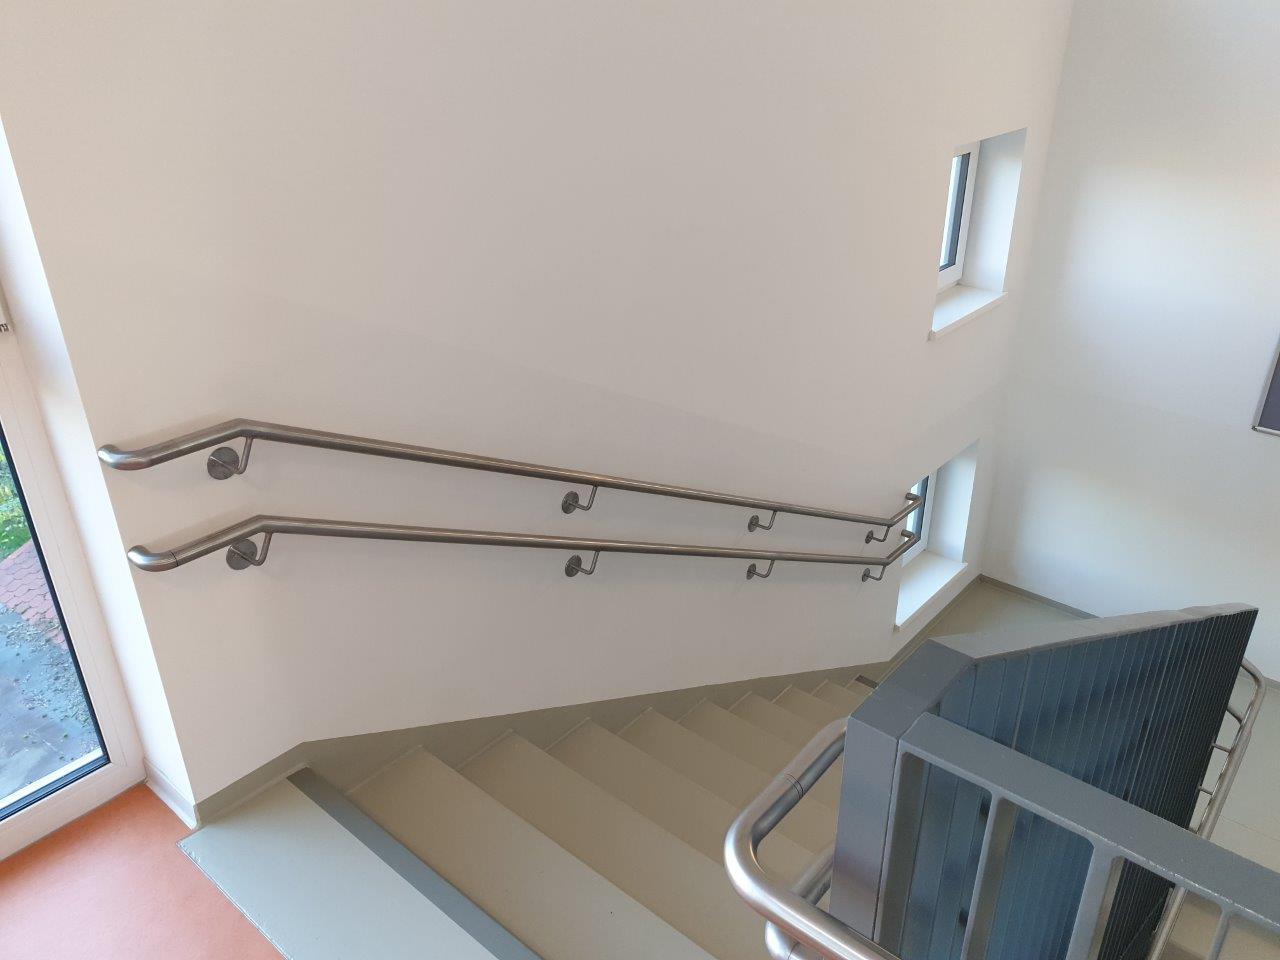 doppelter Wandhandlauf der Innentreppe, 2. OG